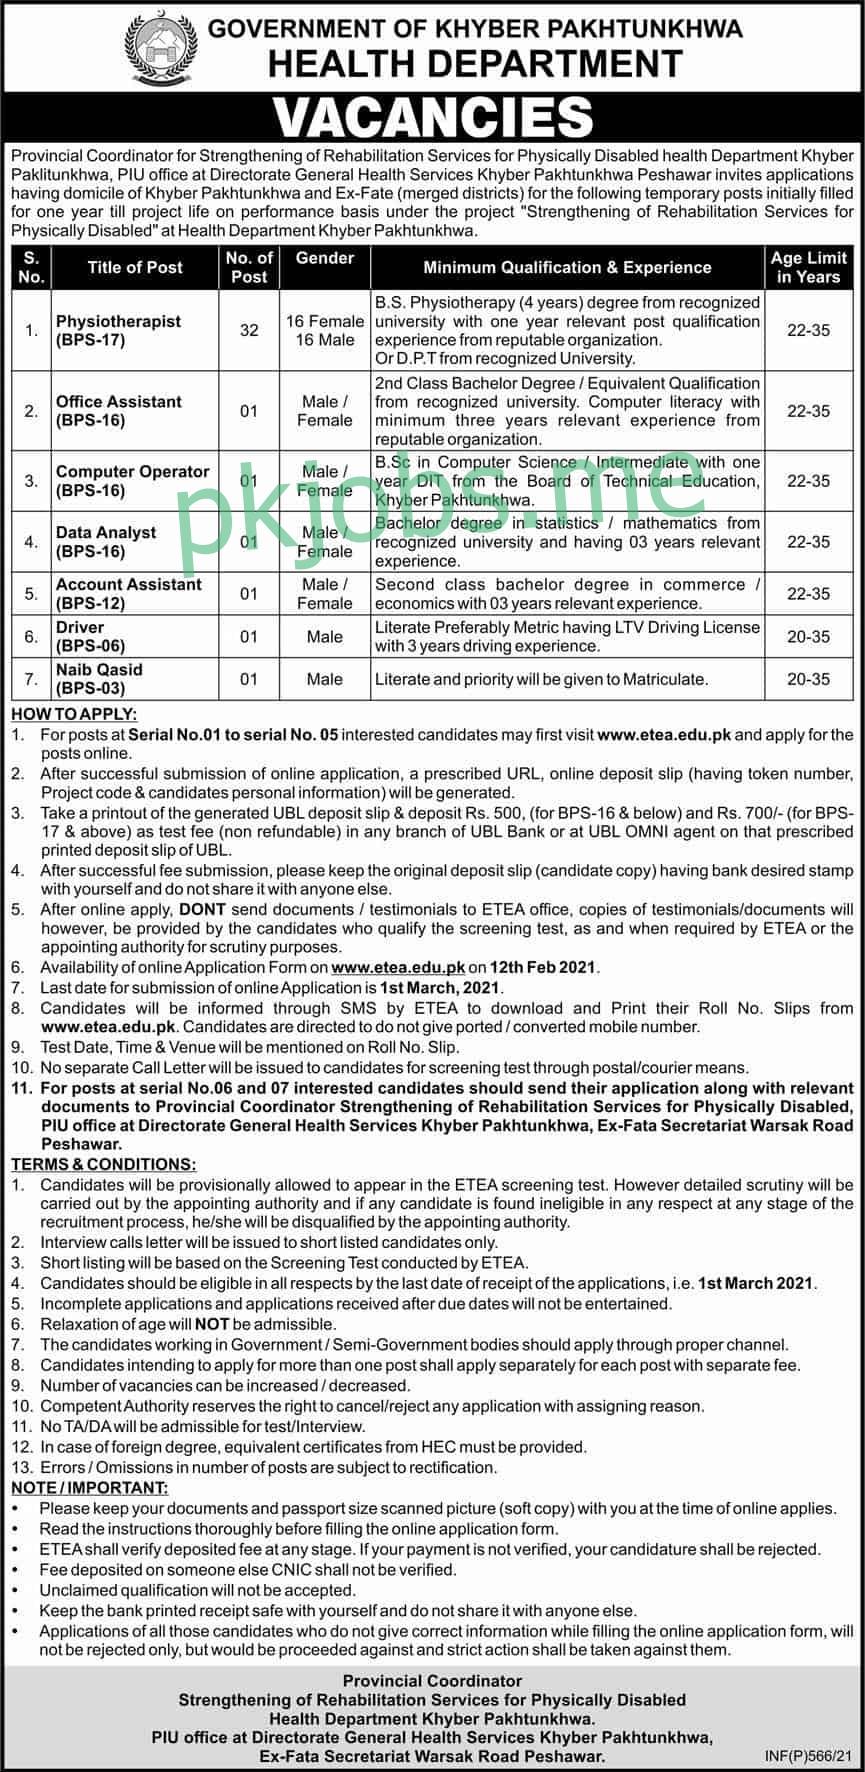 KPK Health Department Jobs 2021